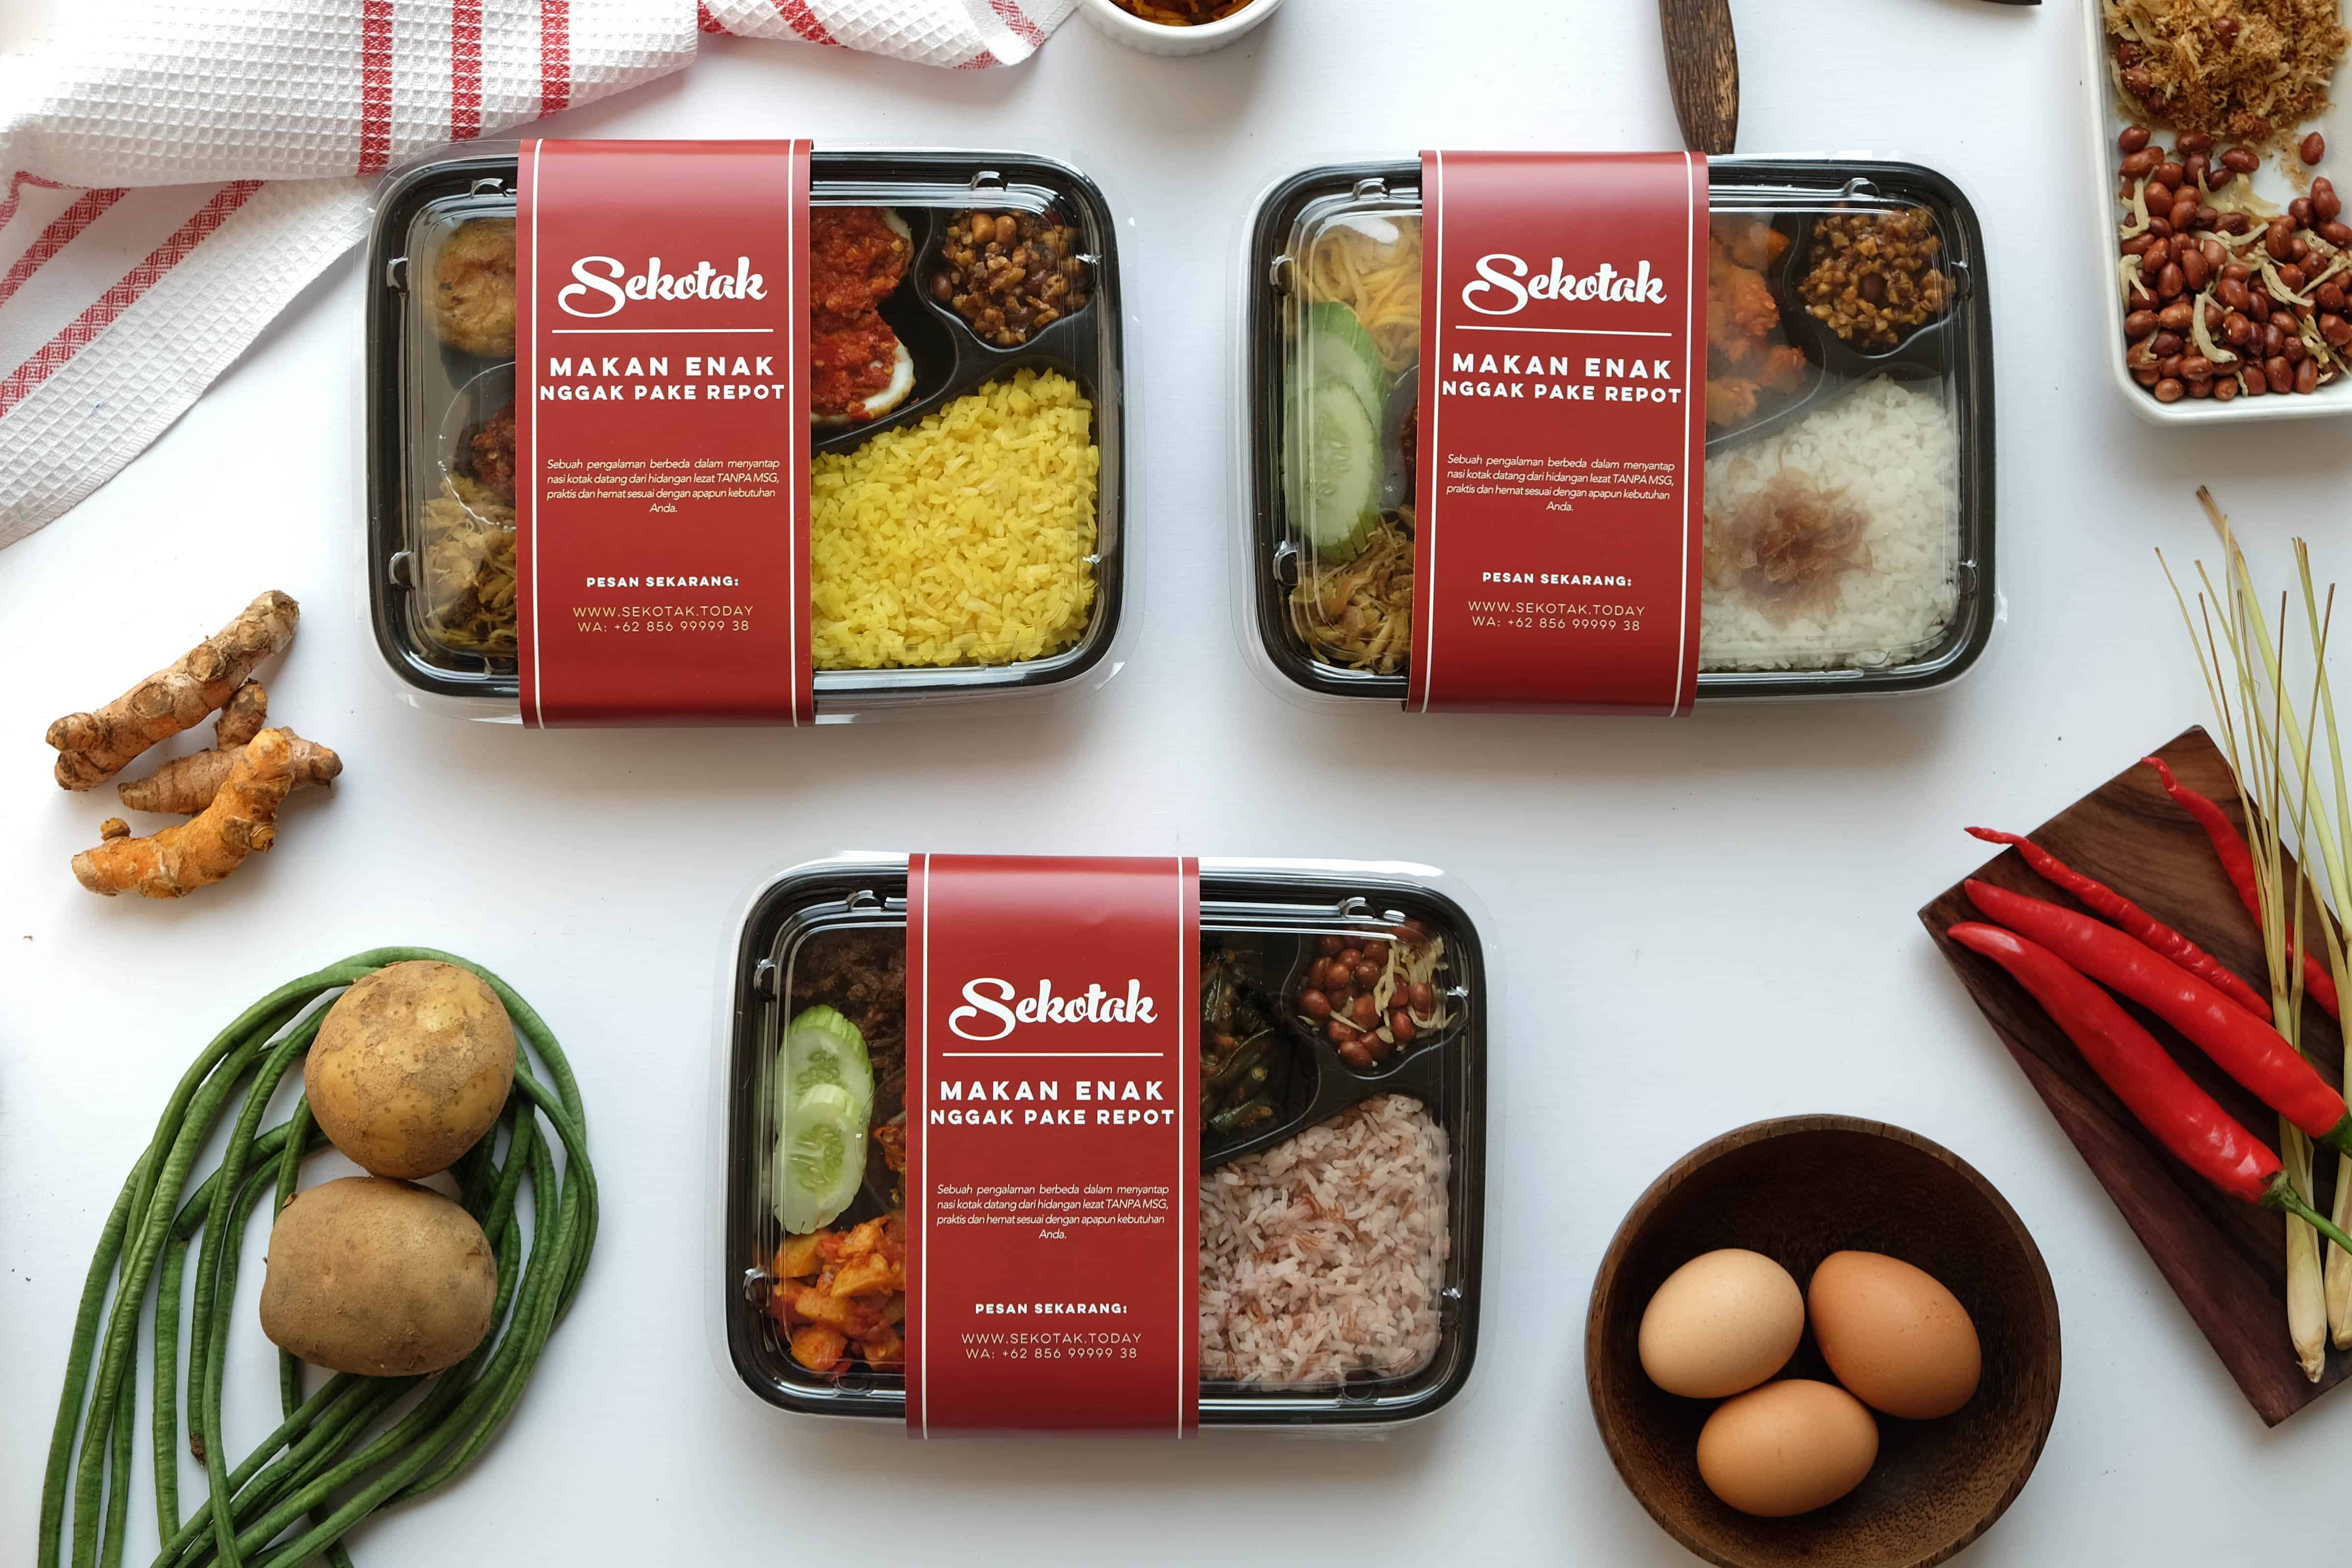 box strap 02 - 10 ตัวอย่างงานออกแบบและพิมพ์สายคาดกล่องอาหารสวย ๆ เพื่อเป็นไอเดียกับร้านตัวเอง